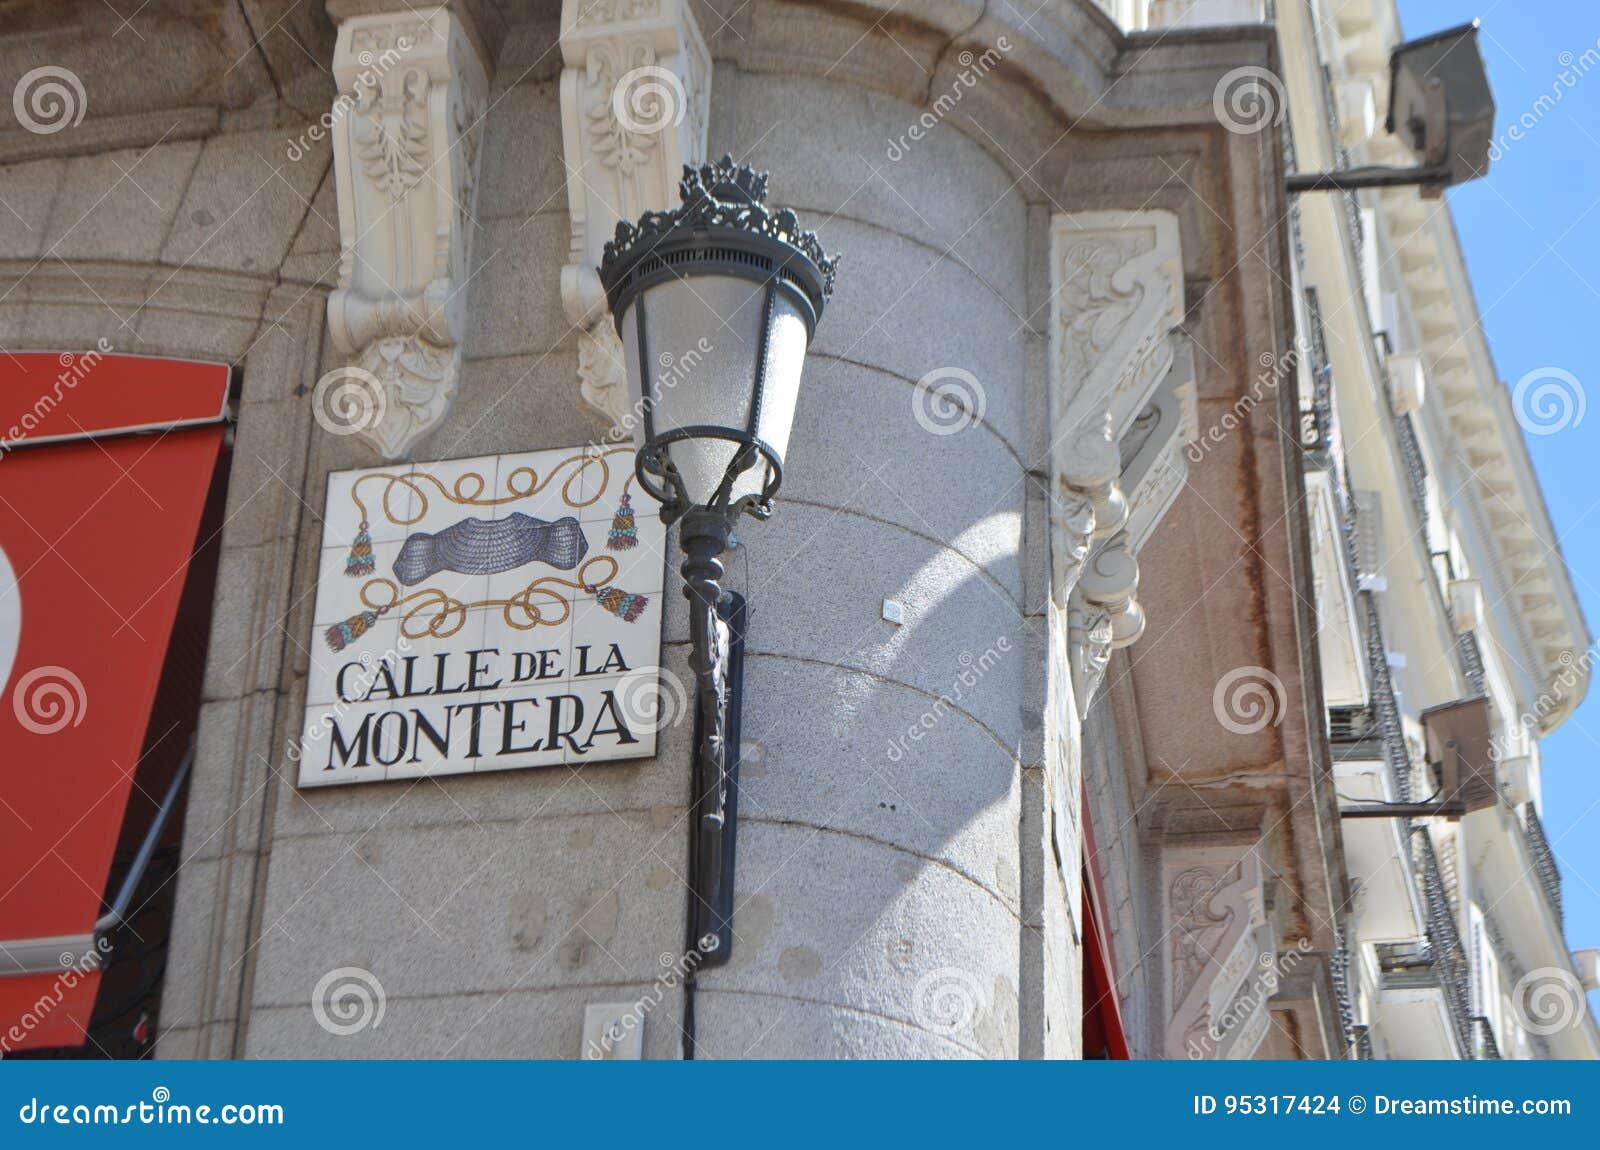 Calle de La Montera Sign y la lámpara real dirigen en las calles de Madrid 959f600369d